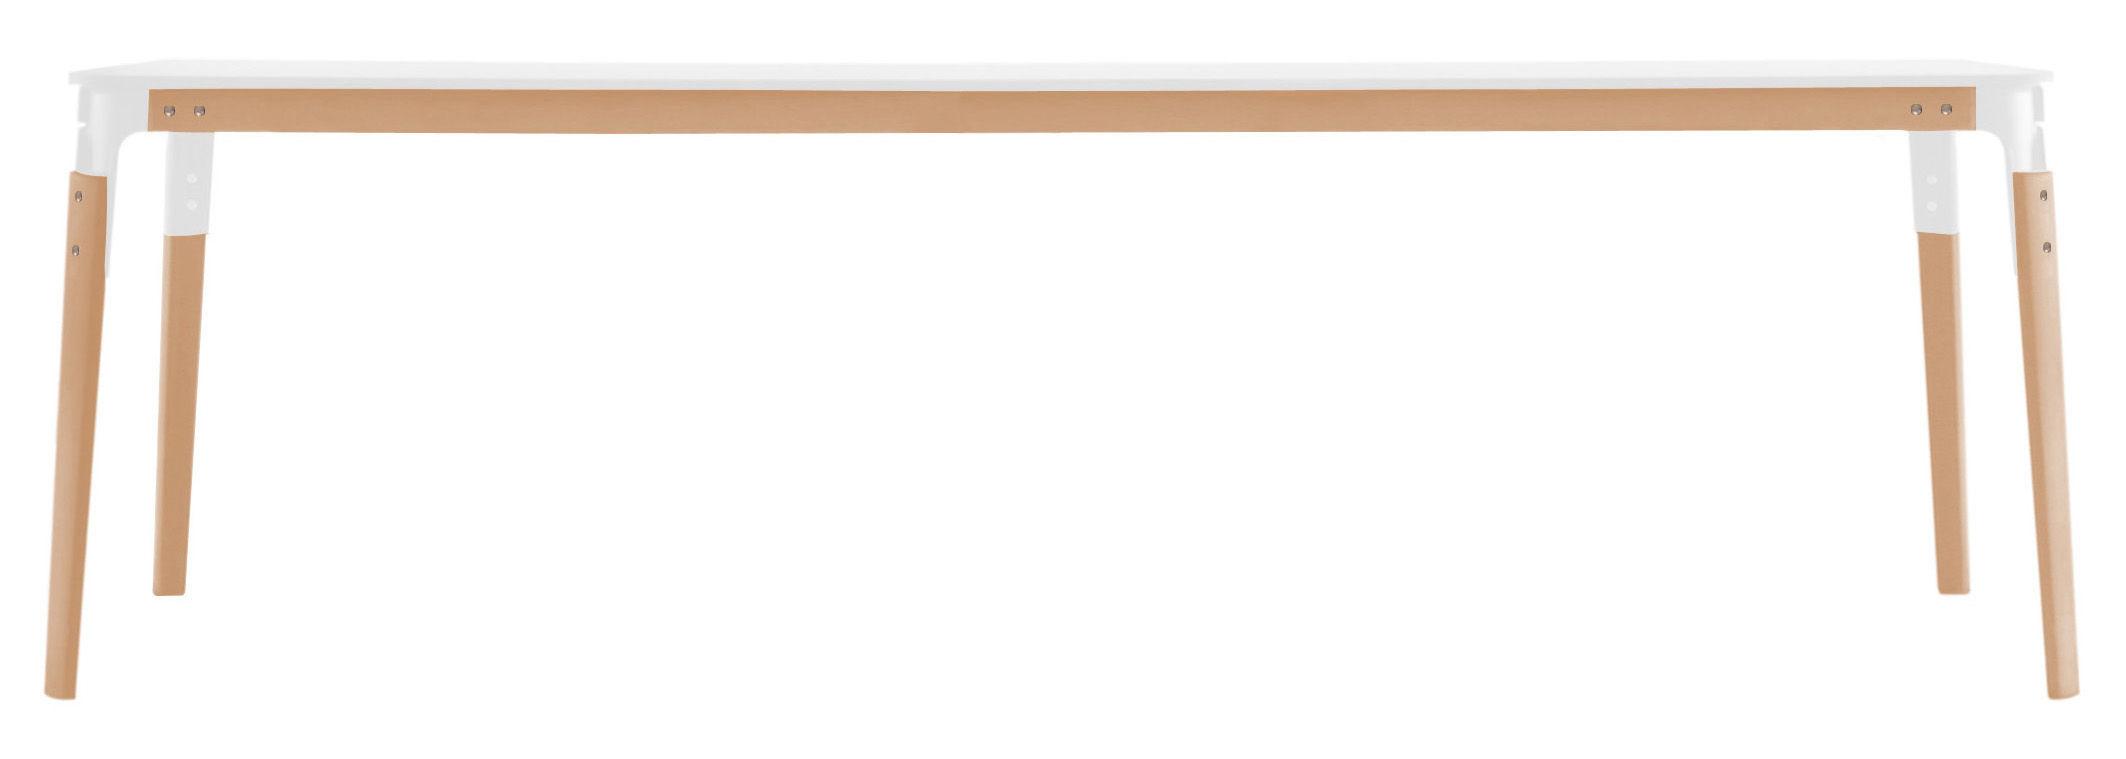 Arredamento - Mobili Ados  - Tavolo rettangolare Steelwood - Rettangolare bicolore di Magis - Bianco e faggio - 180 x 90 cm - Acciaio verniciato, Faggio, Laminato HPL verniciato